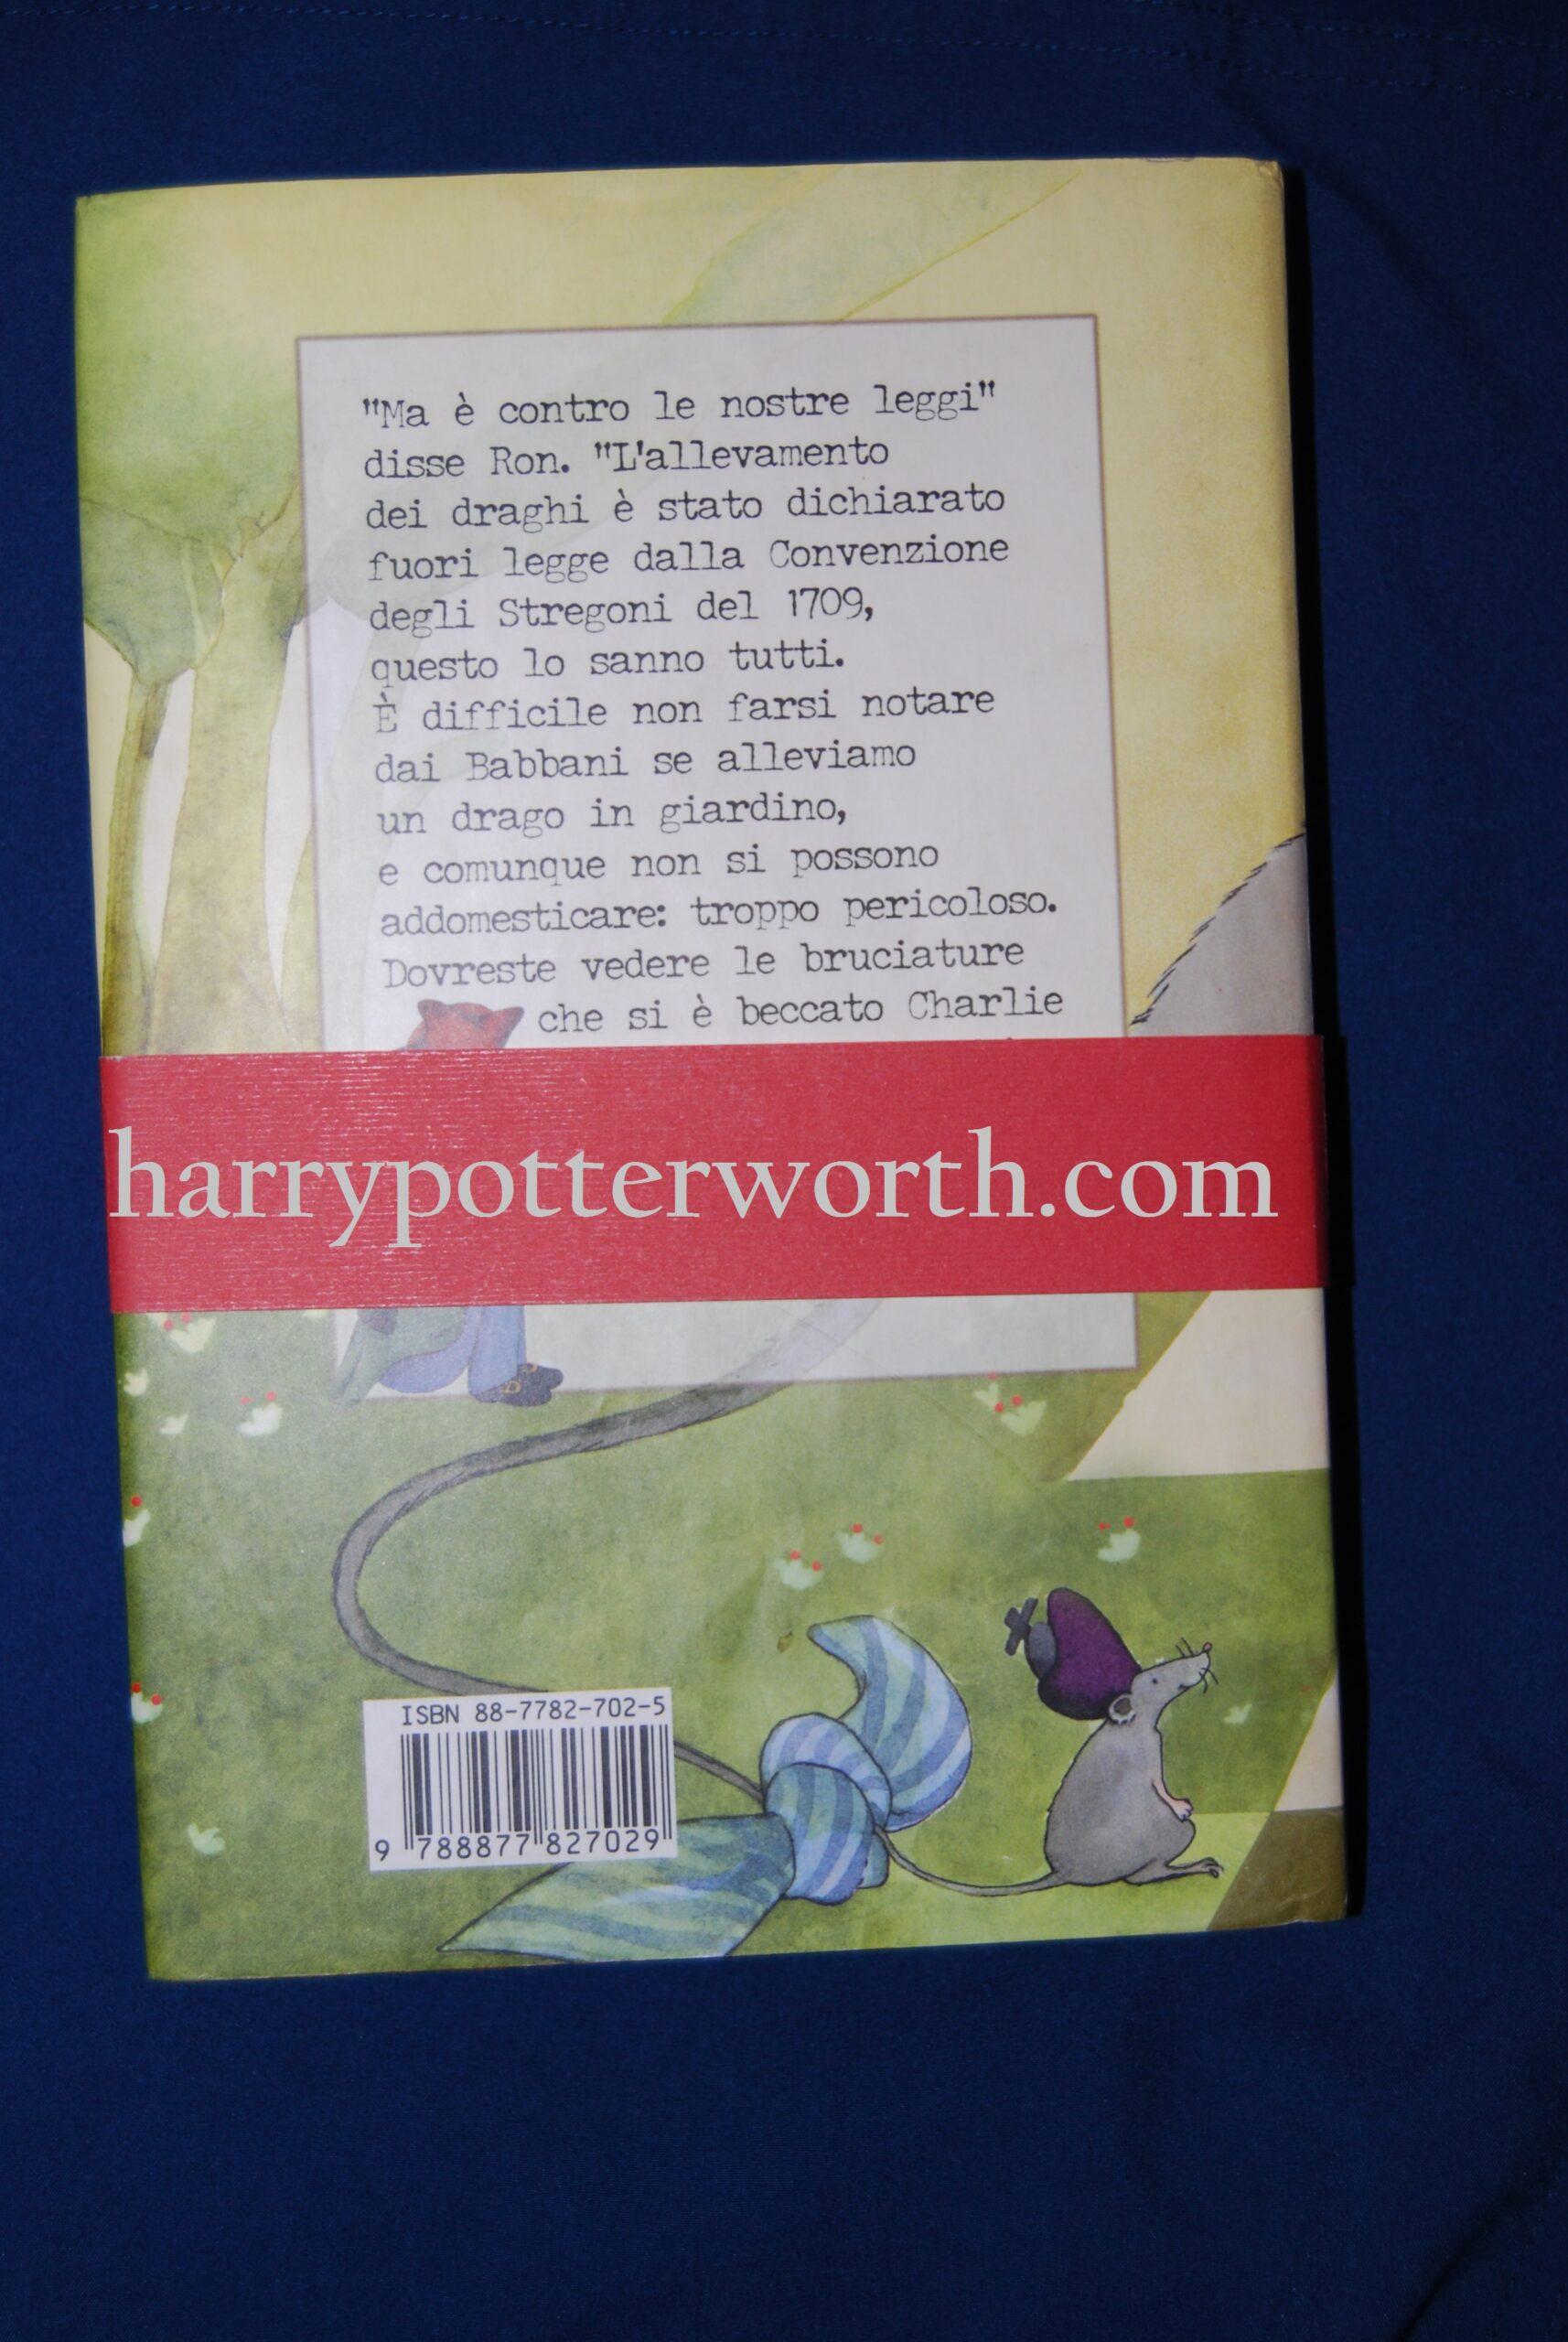 Harry Potter e La Pietra Filosofale Prima Edizione Salani 1998 - Prima Versione Senza Occhiali con Fascetta editoriale